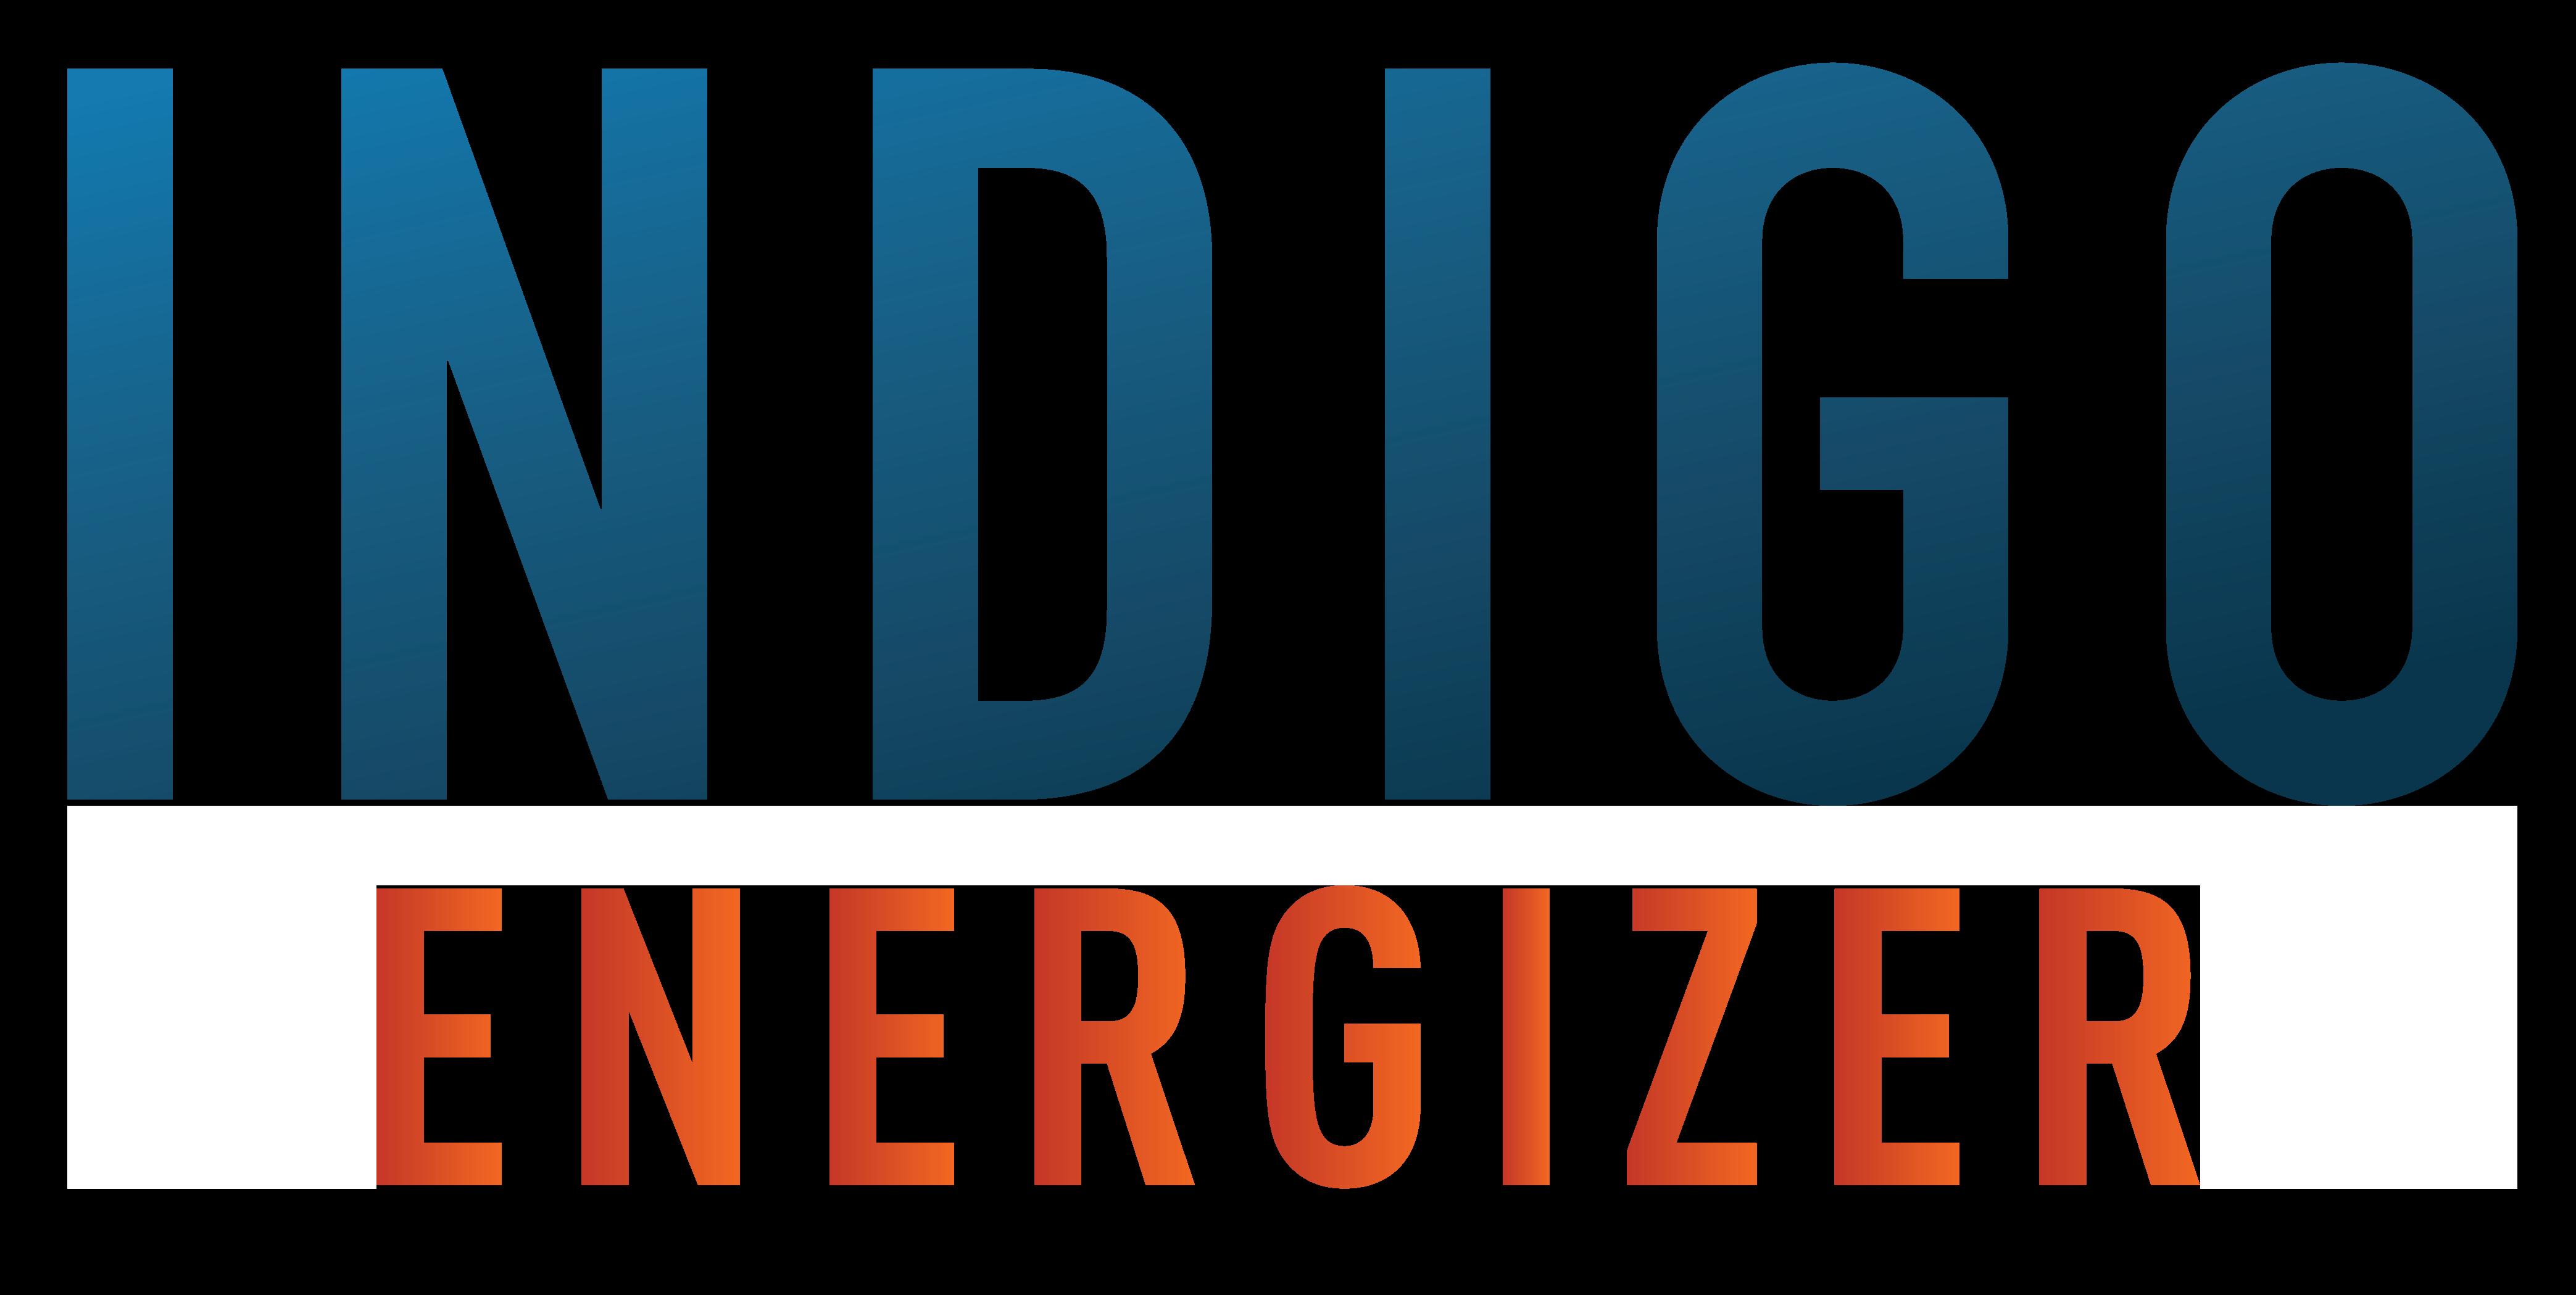 Indigo energizer